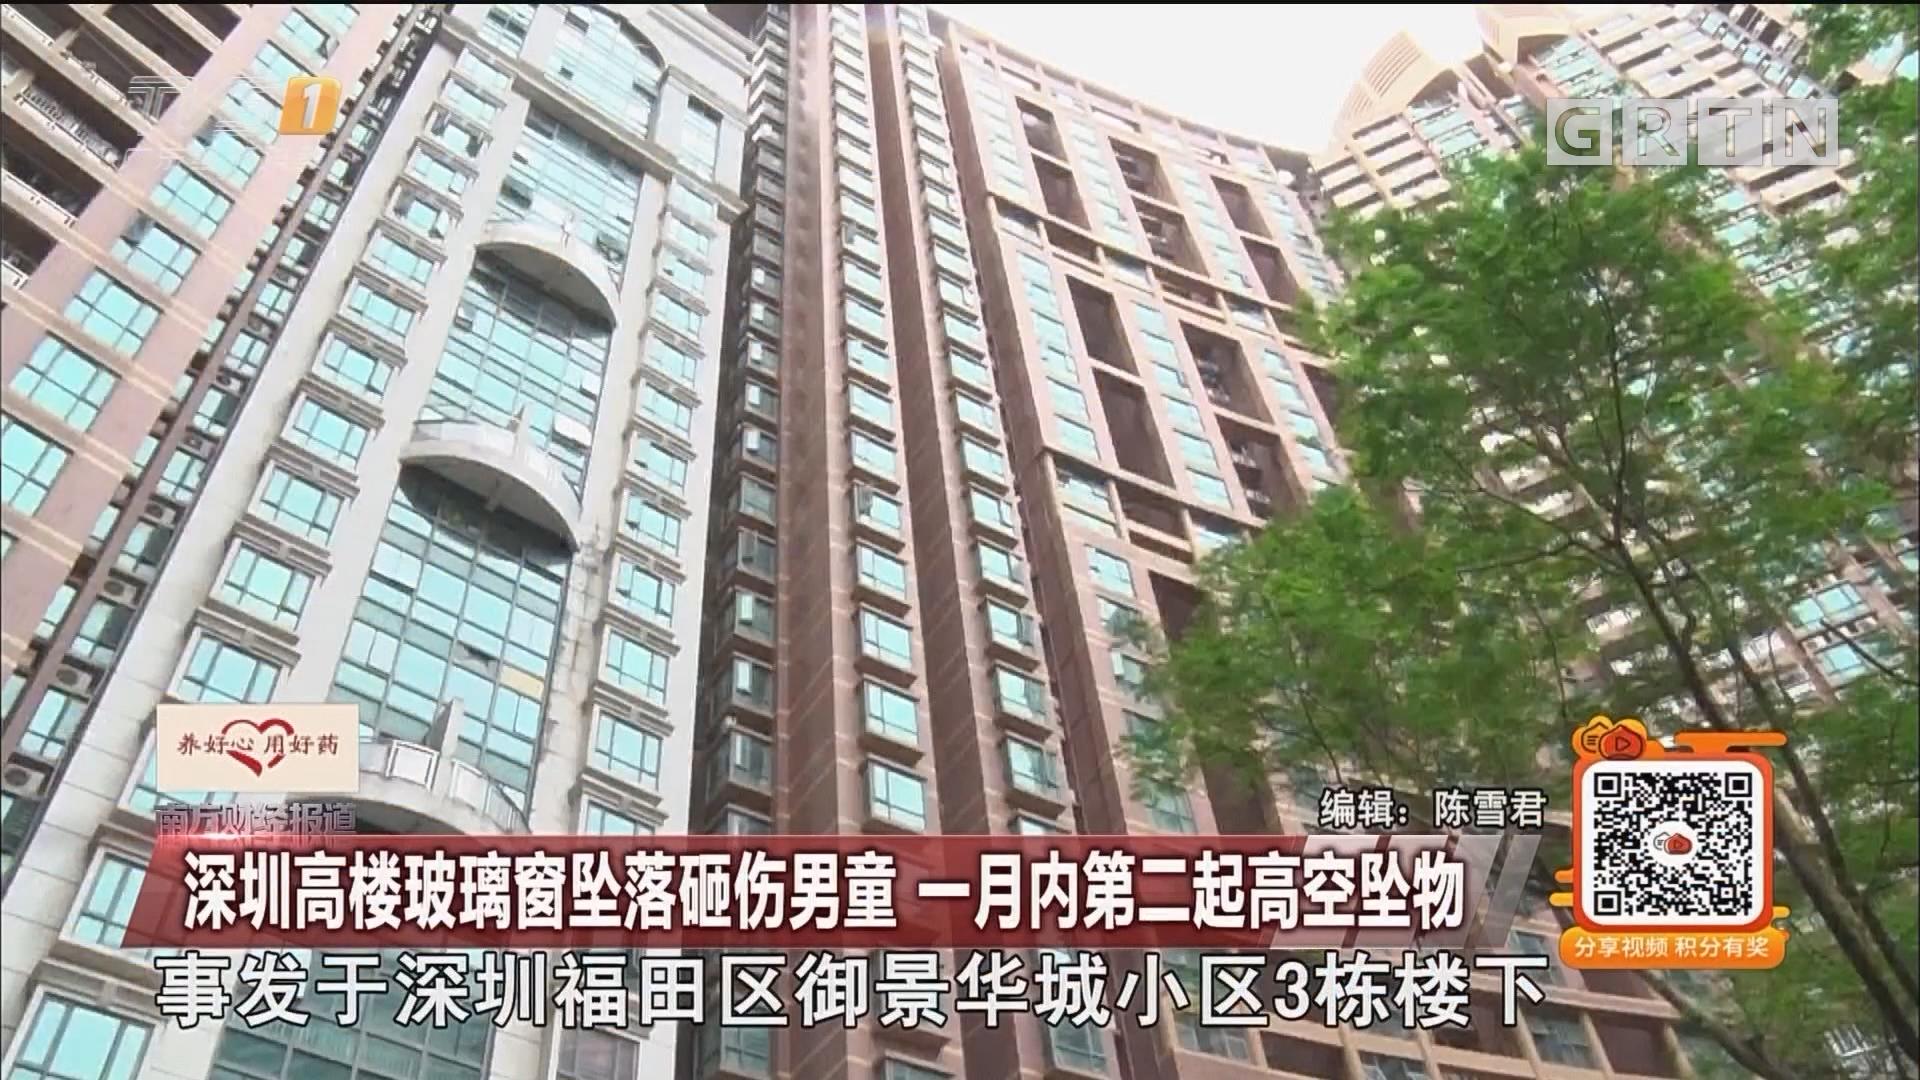 深圳高楼玻璃窗坠落砸伤男童 一月内第二起高空坠物